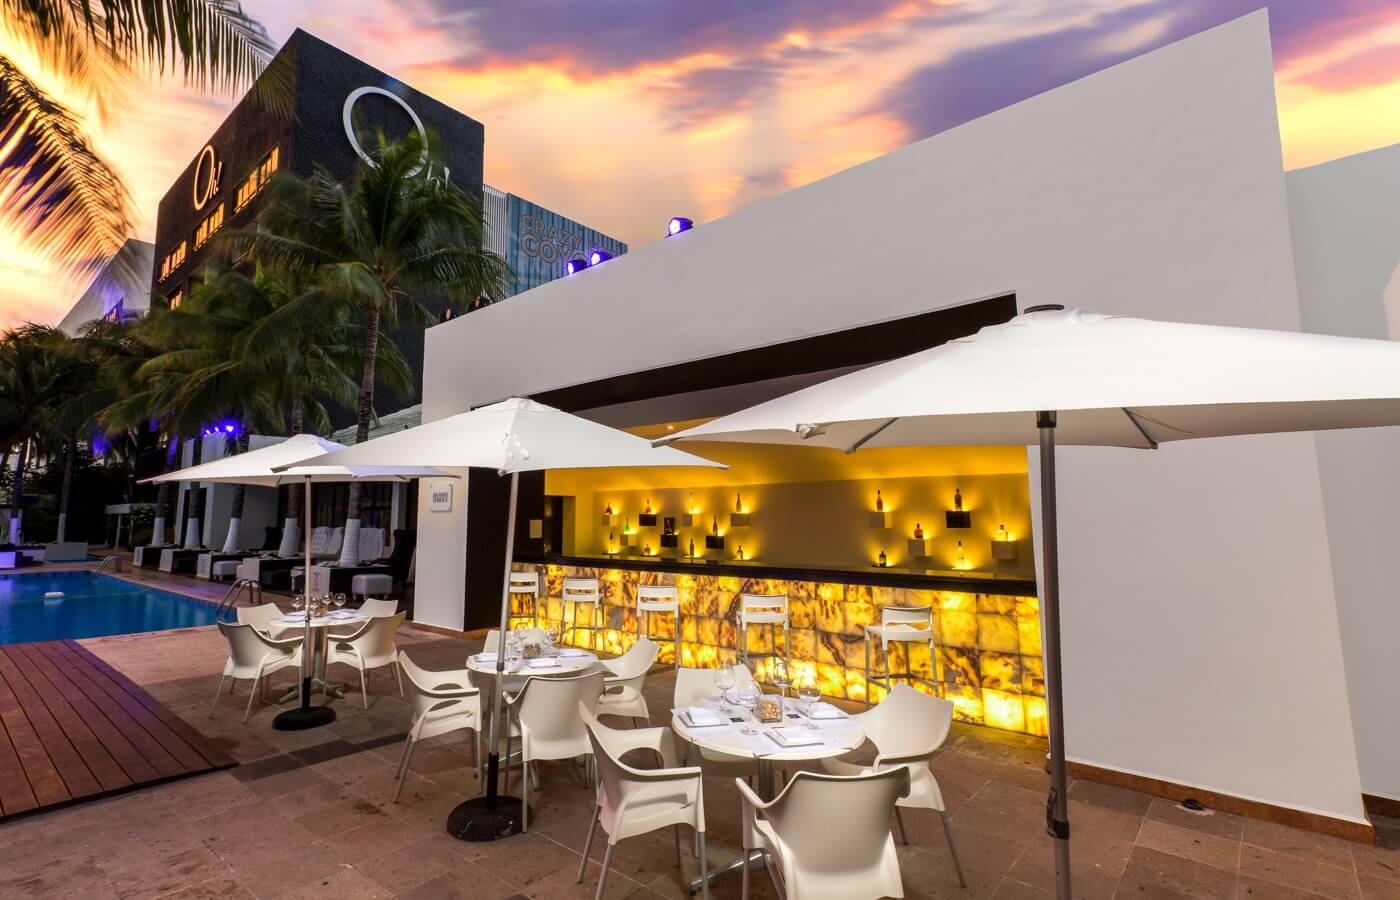 Área de Albercas y Restaurante The White Terrace visto de noche en Hotel Oh! Cancun The Urban Oasis